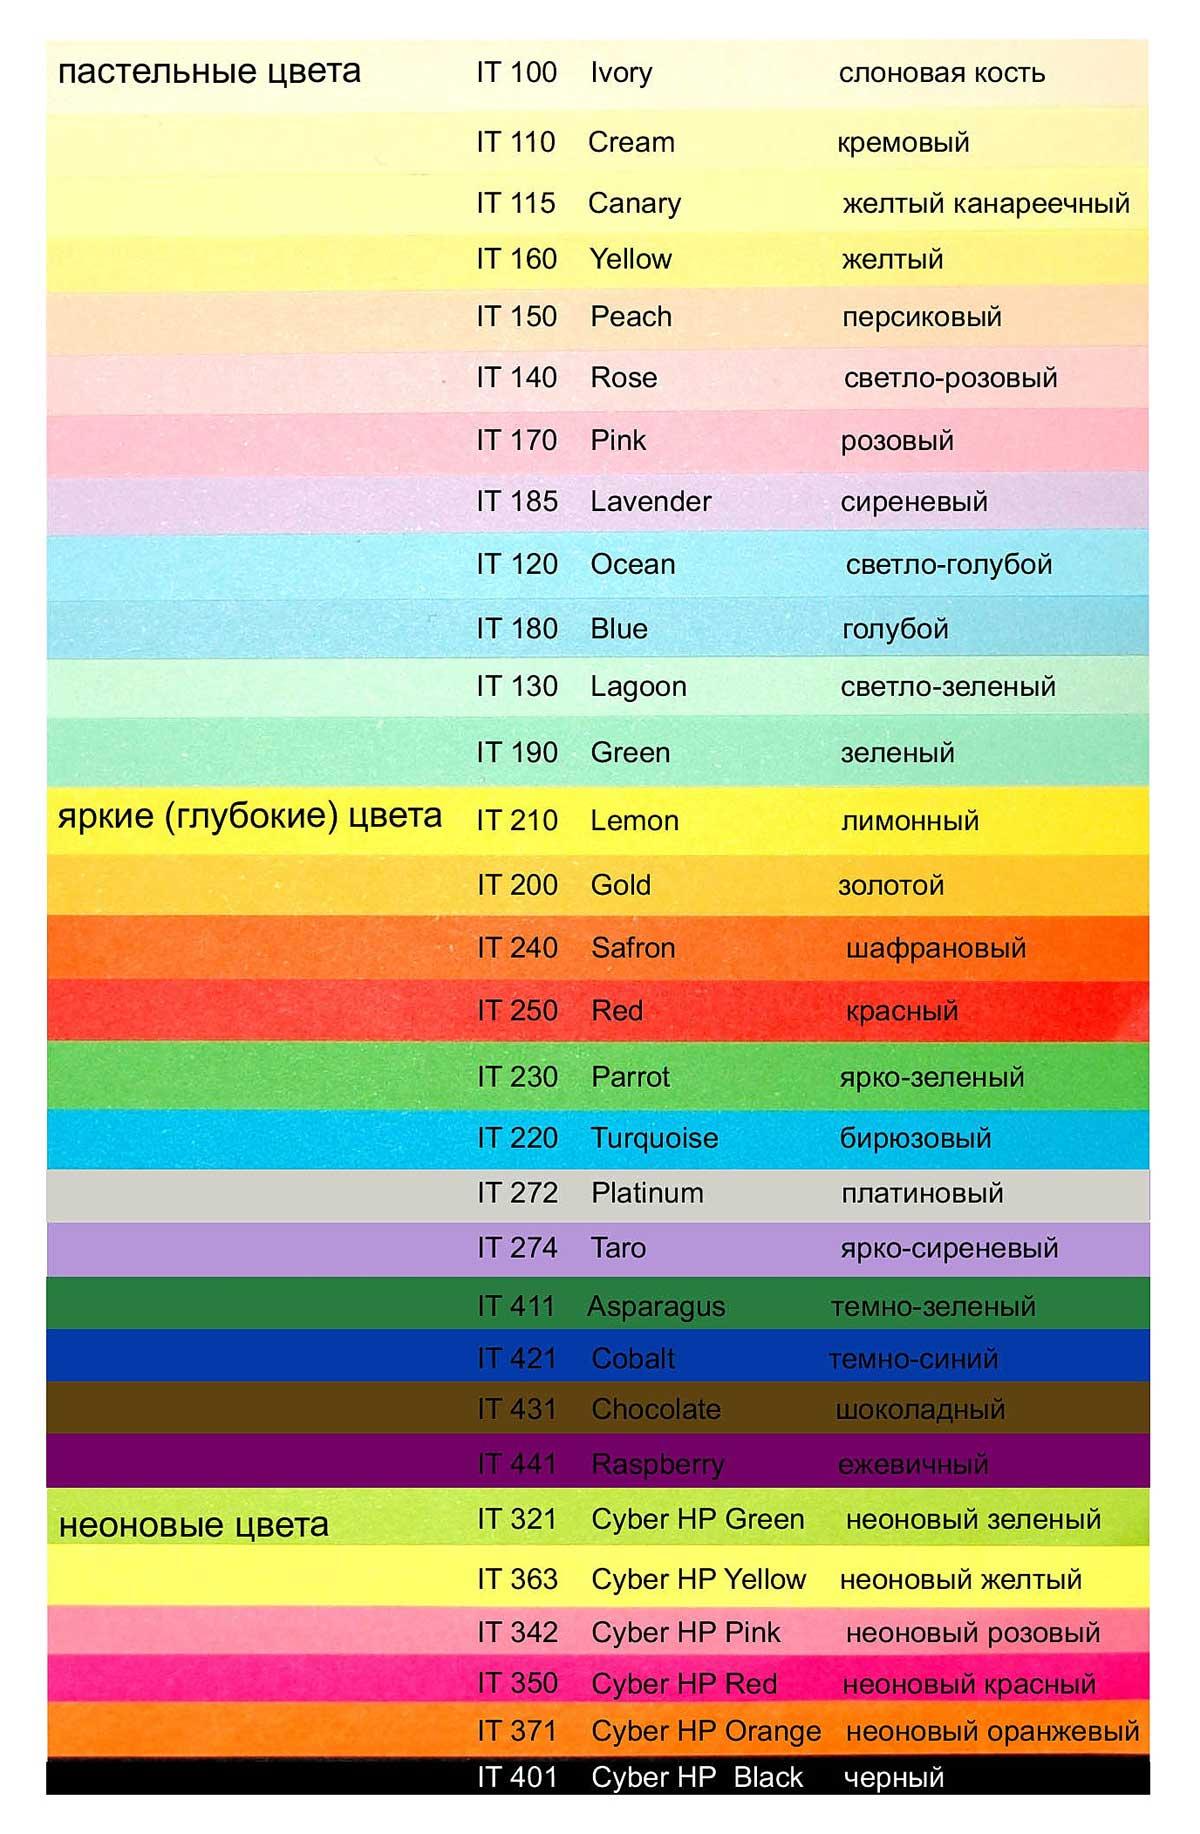 Бумага цветная Color A4 интенсив 160гр./м2. Saffron, 250листов, оранж. Spectra Color - фото 1